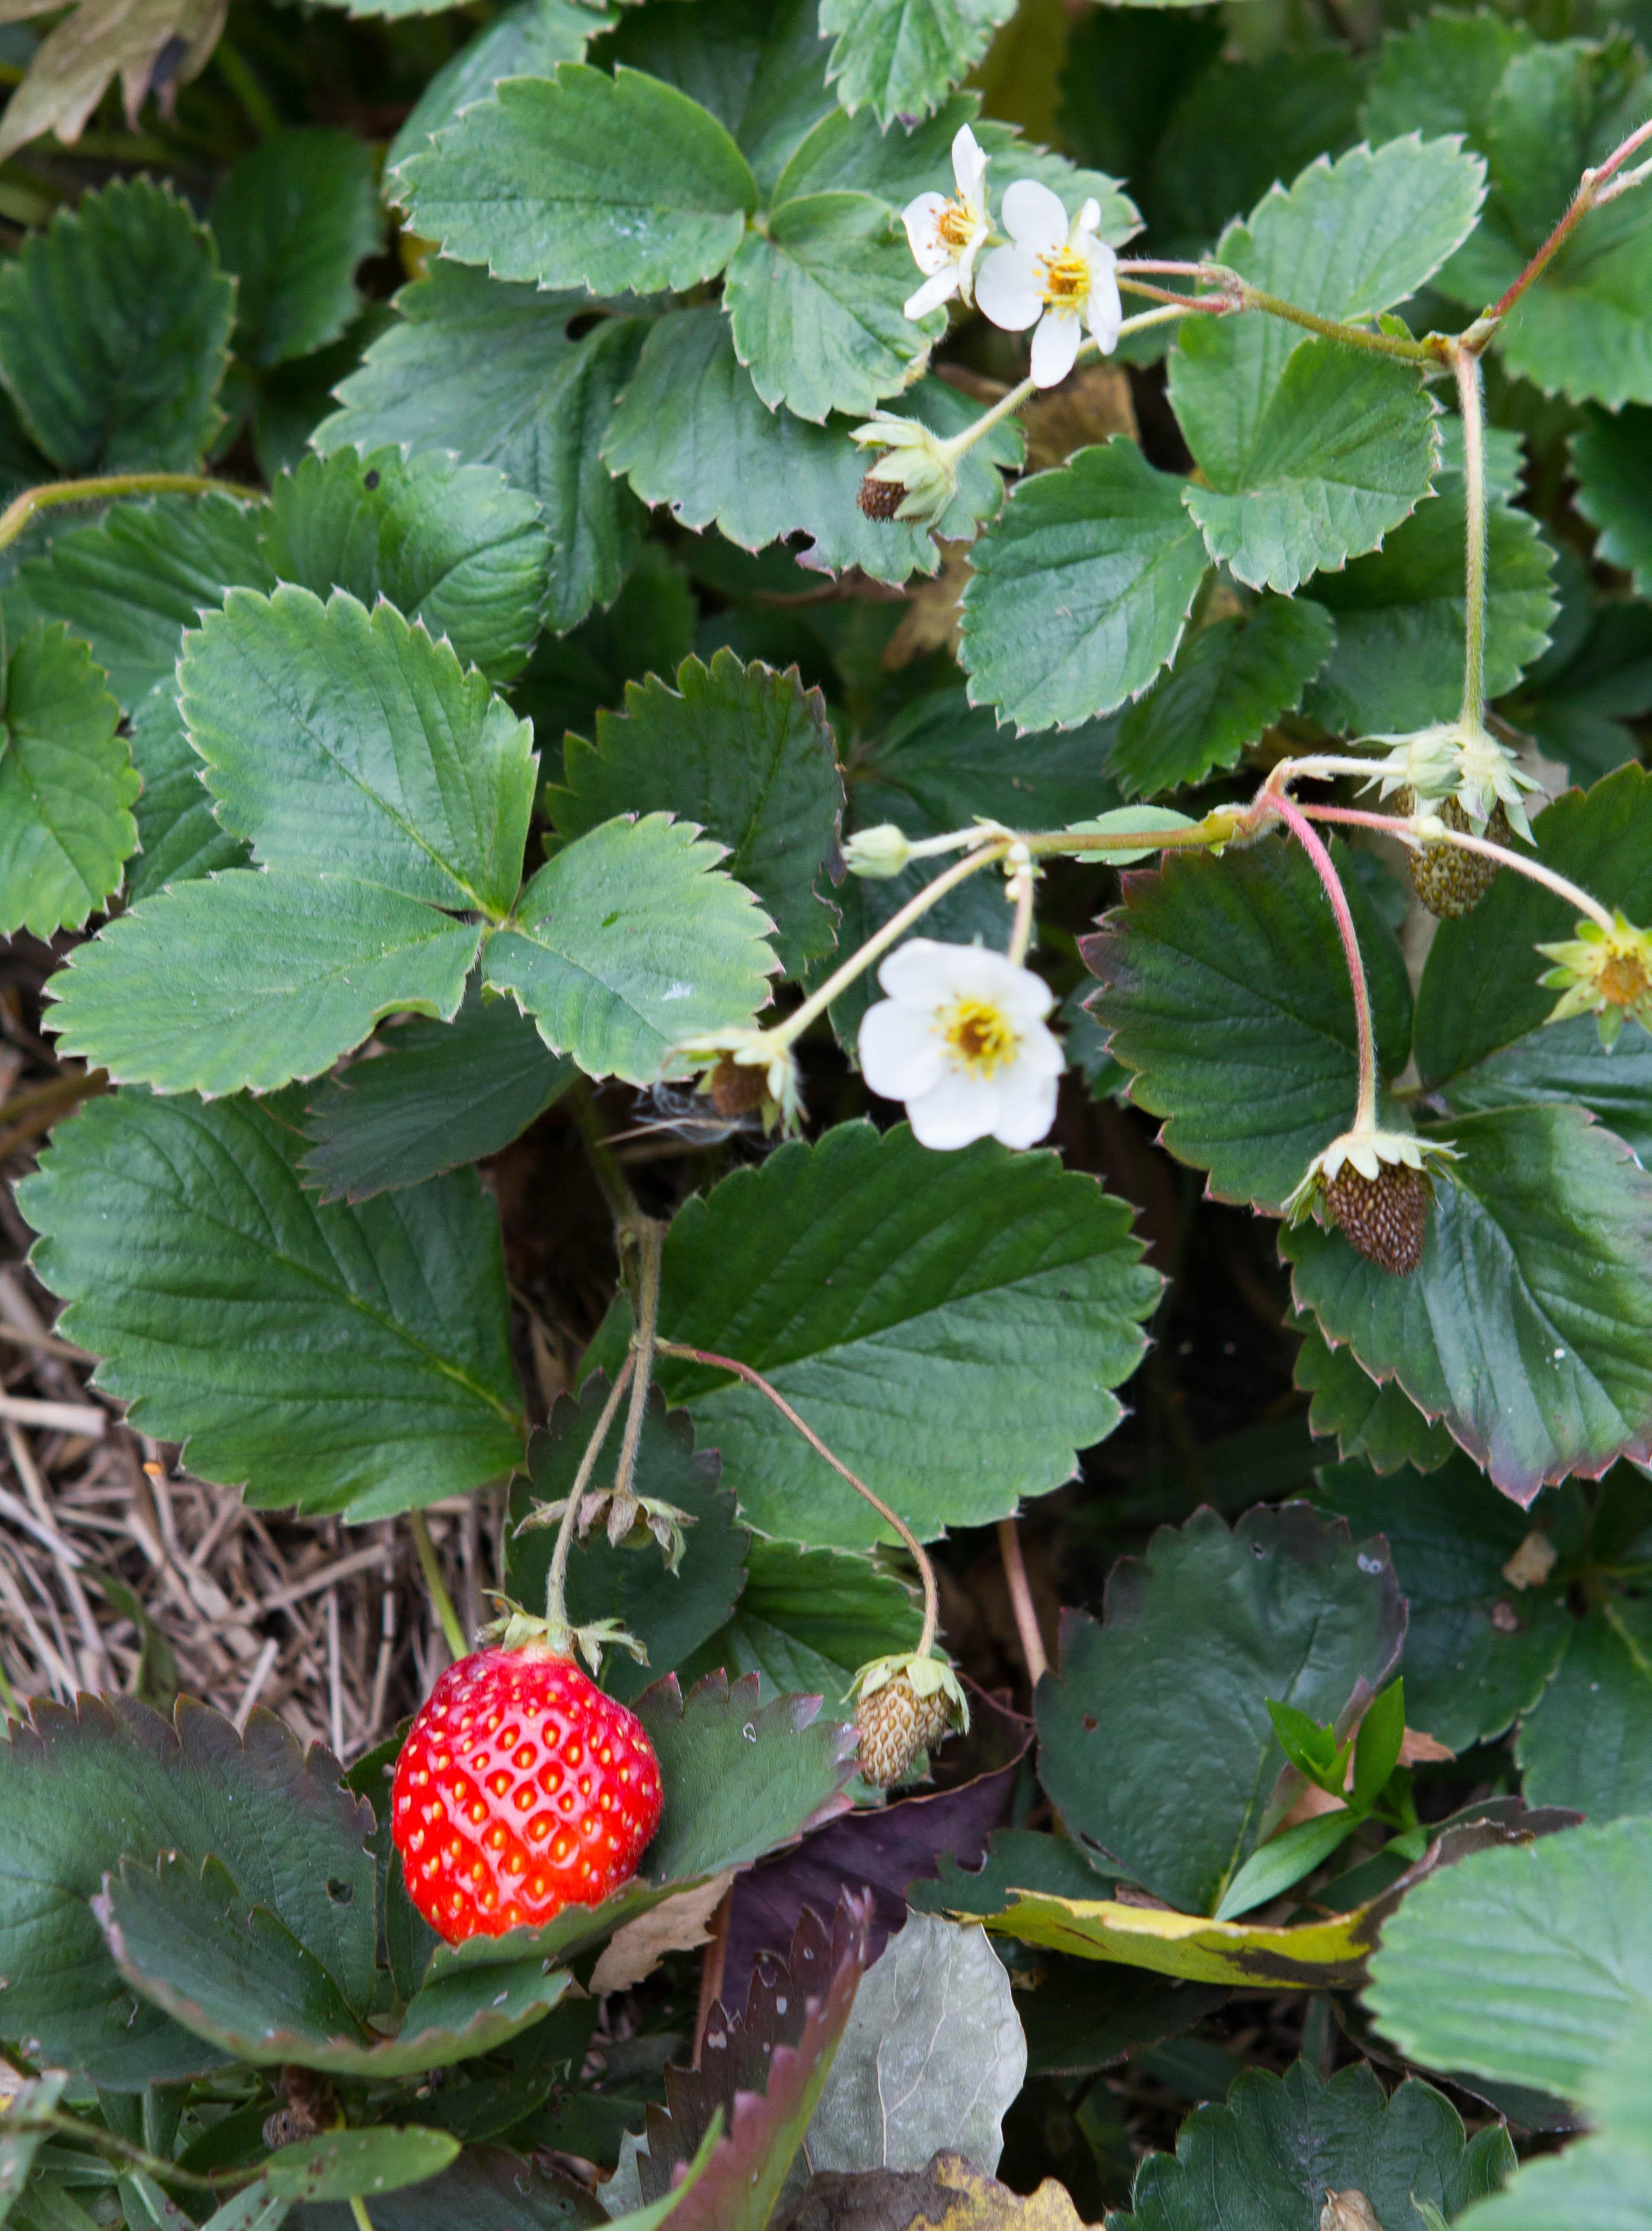 jordgubbar i ett snack track